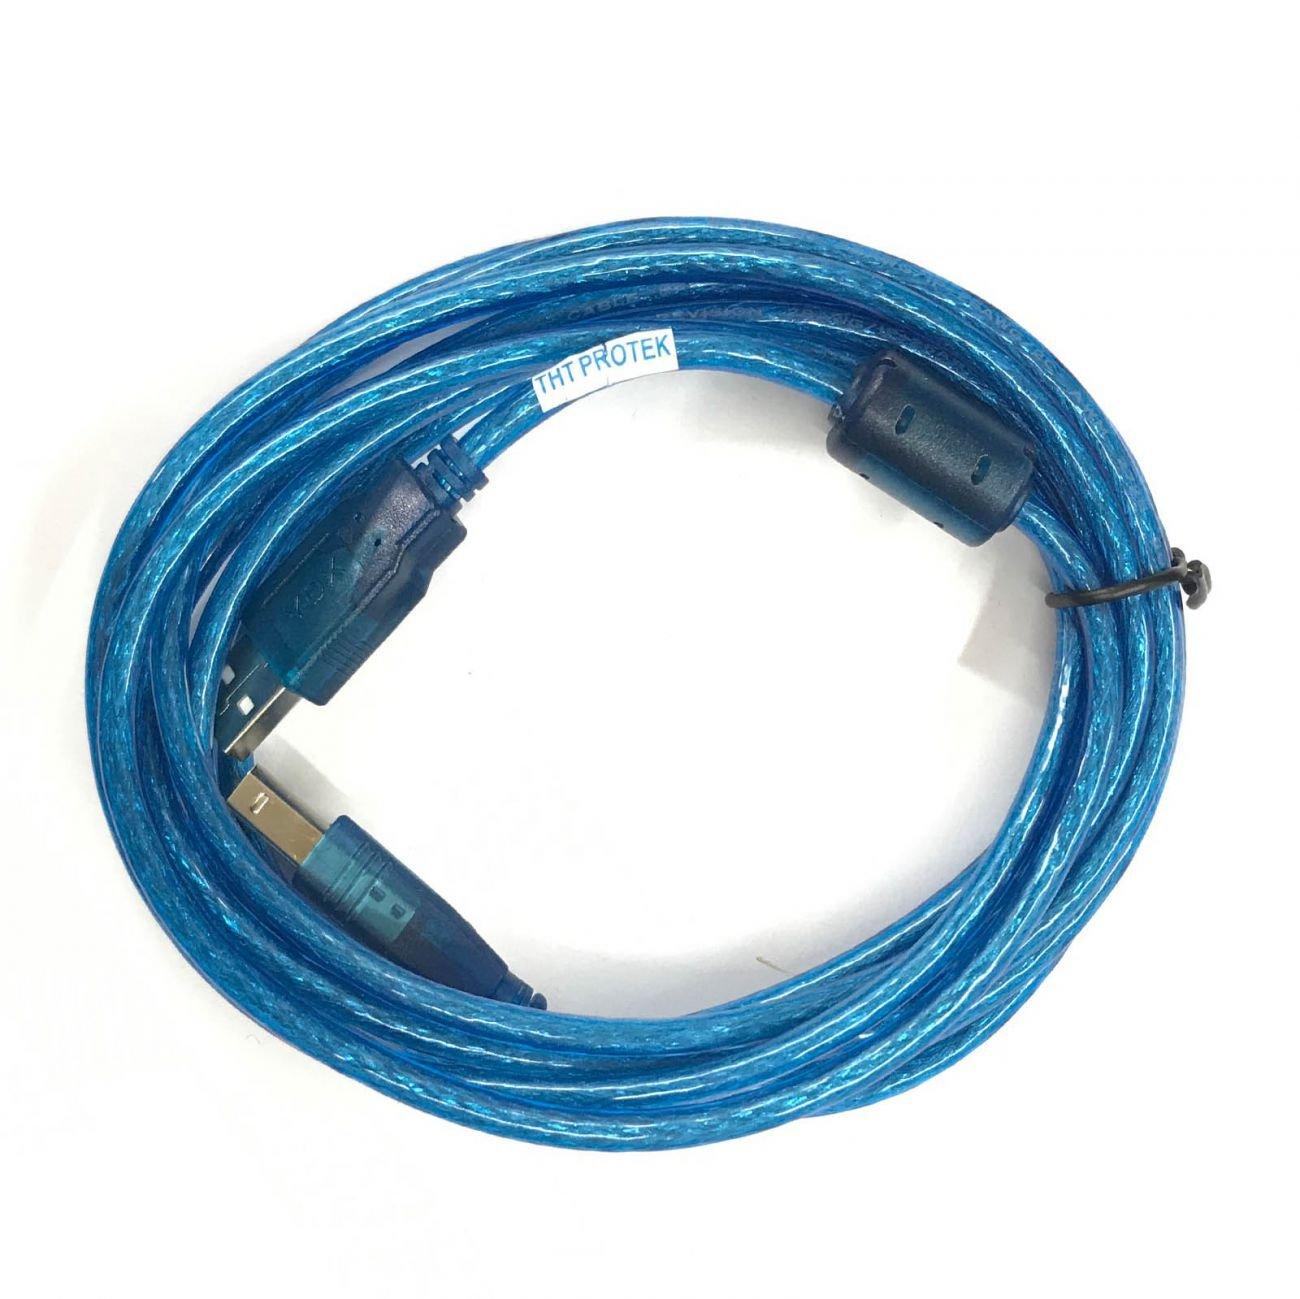 TNT-Protek Cable USB 2.0 escáner de Impresora Comp. para HP ...